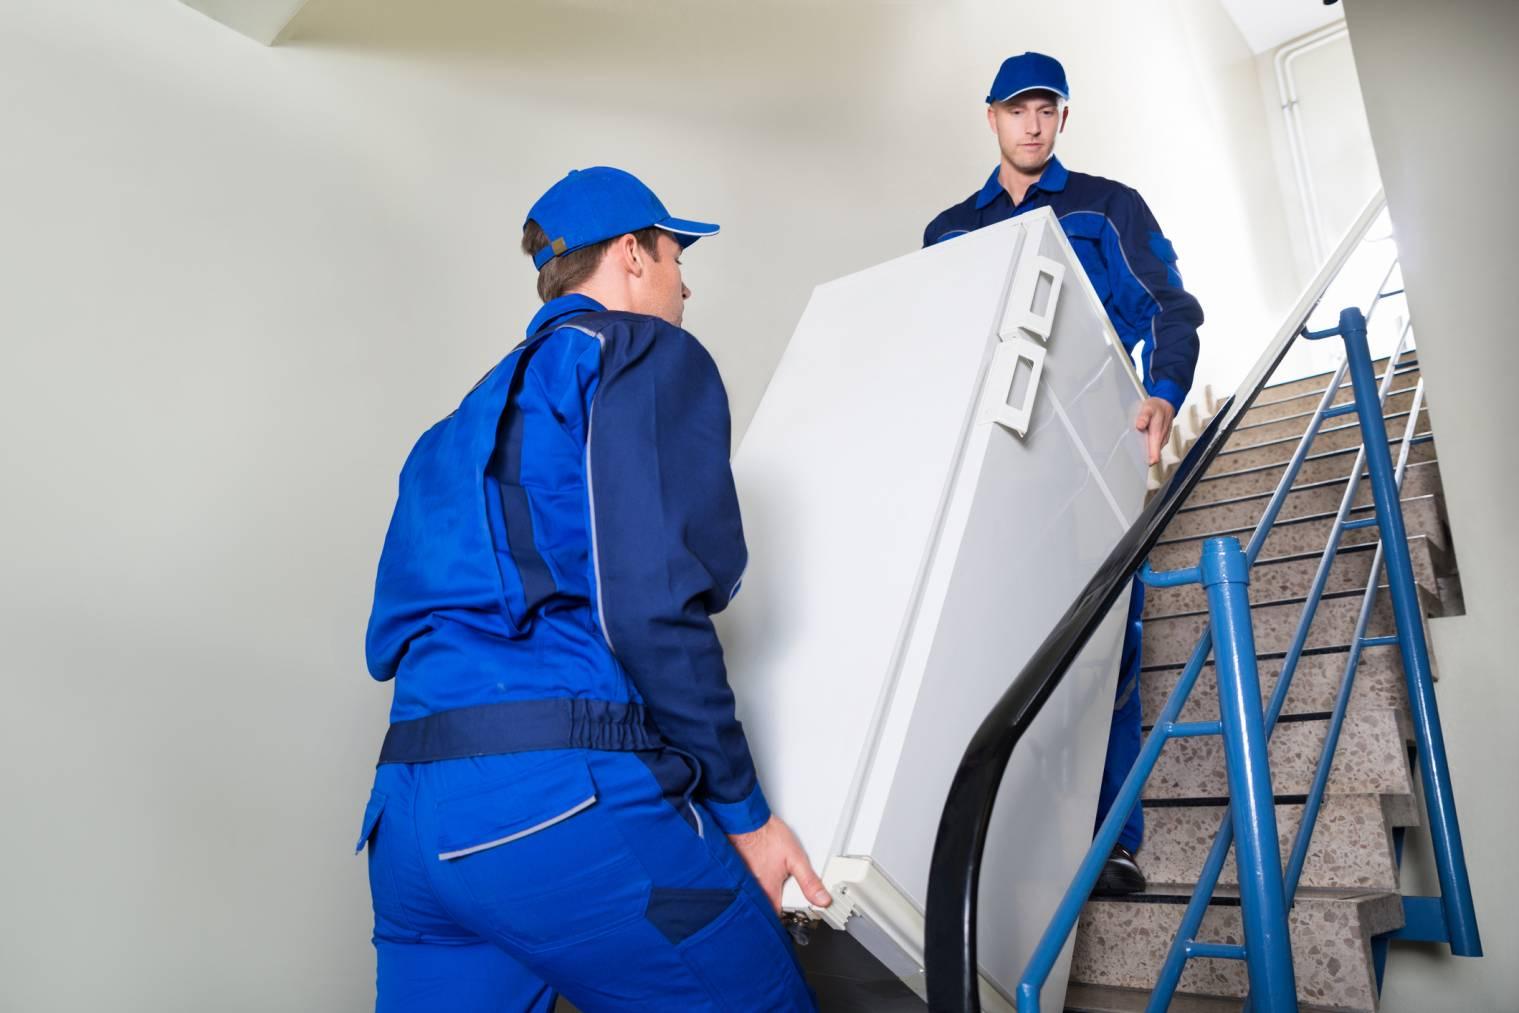 Encombrants lors d'un déménagement : ce qu'il faut savoir